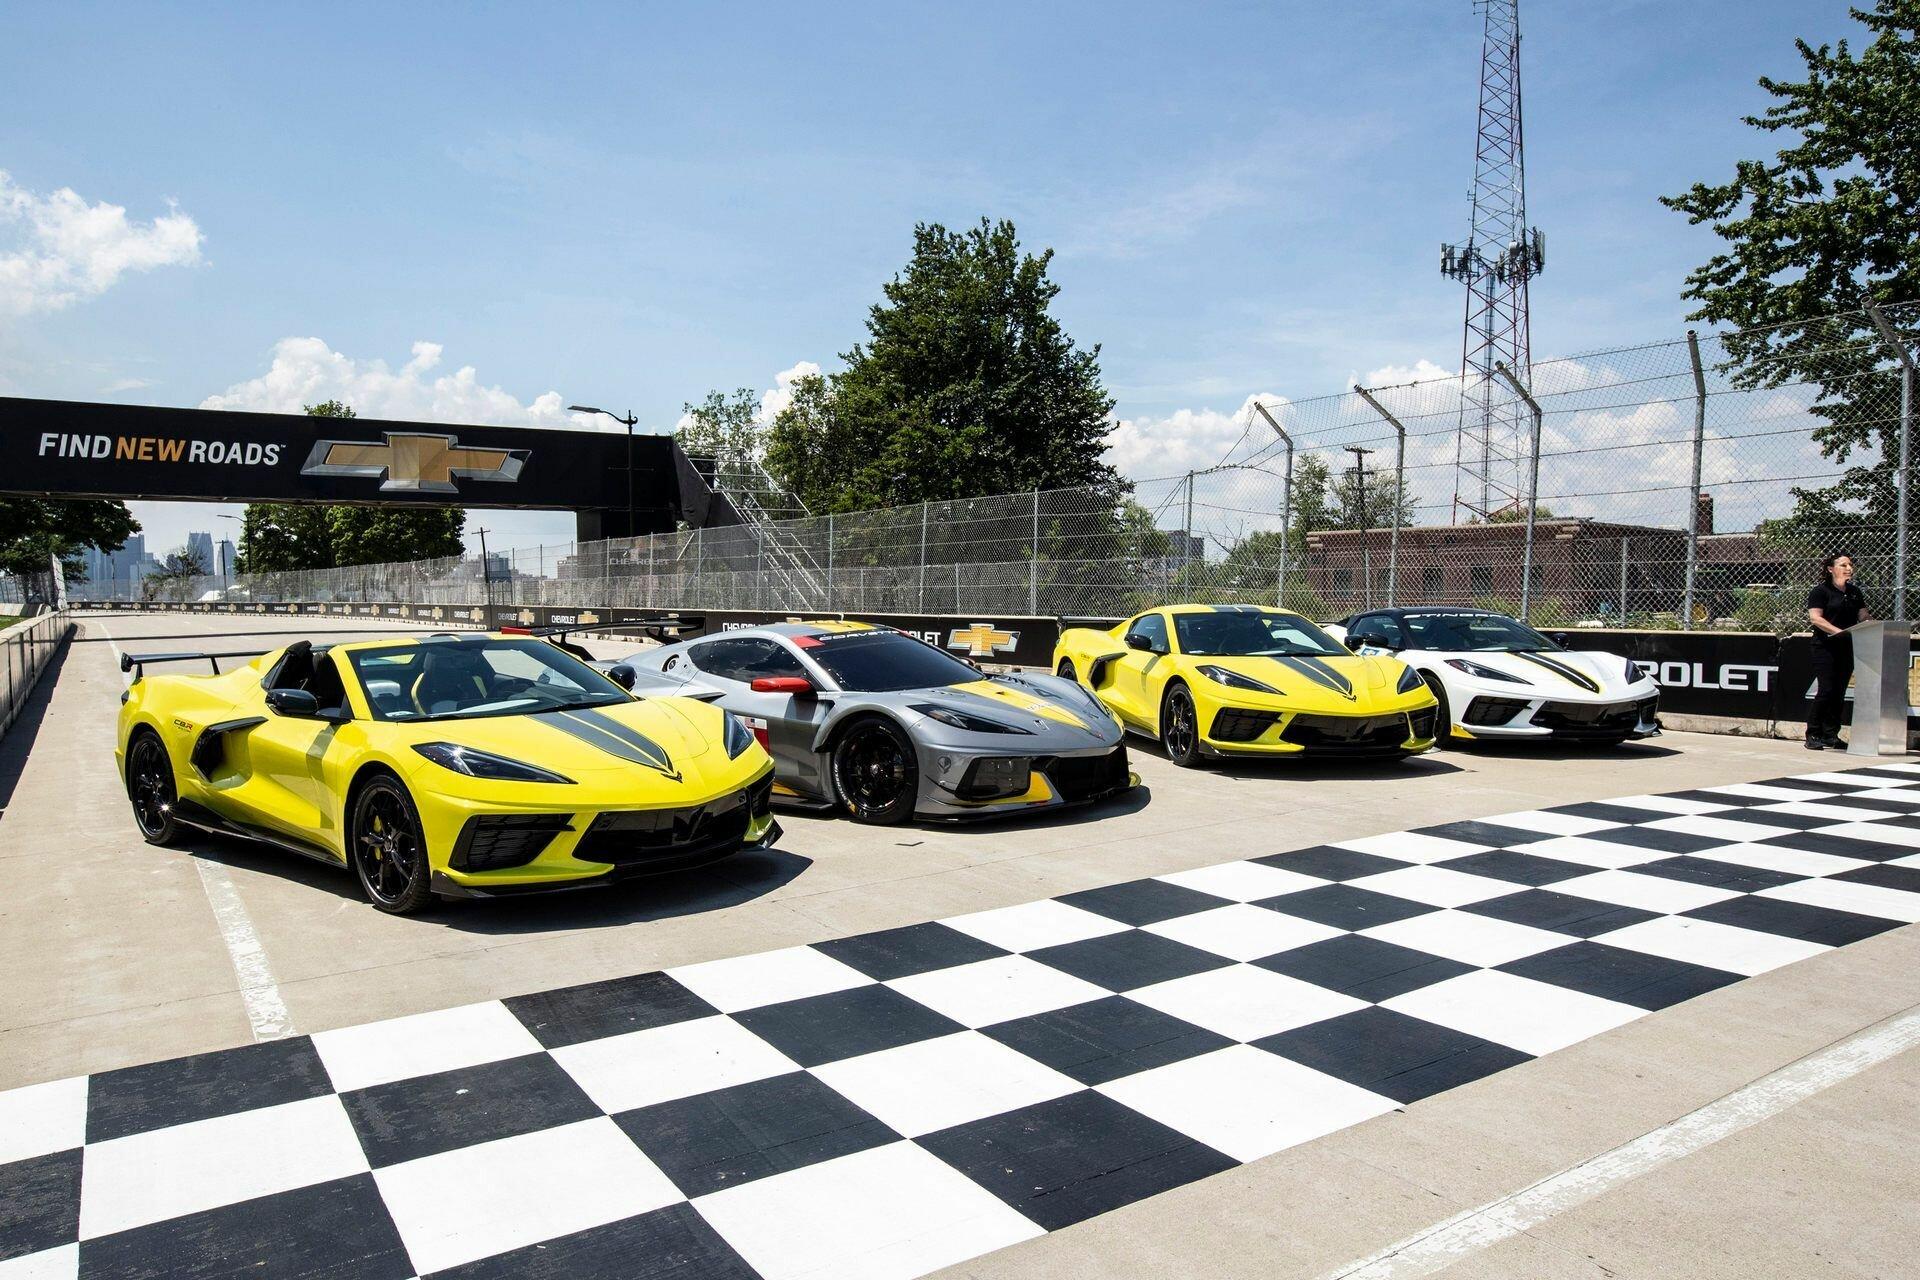 Автомобиль будет предложен только в двух цветовых схемах – желтым кузовом Accelerate Yellow с серым полосами и серым кузовом Hypersonic Gray с желтым декором